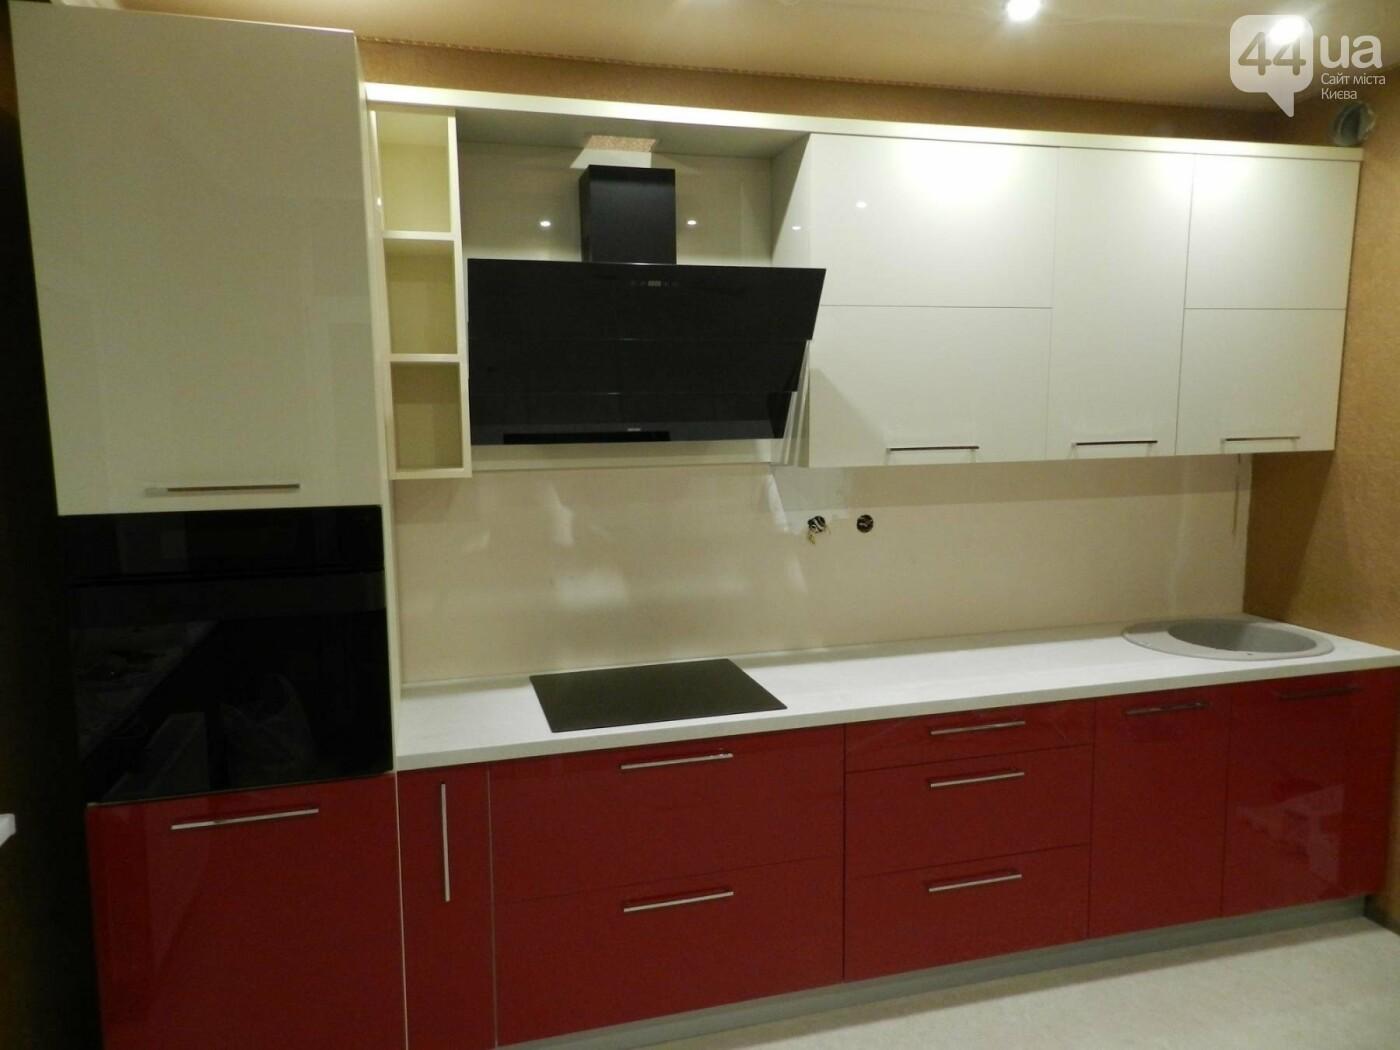 Обзор мебельных компаний Киева: какую мебель выбрать?, фото-78